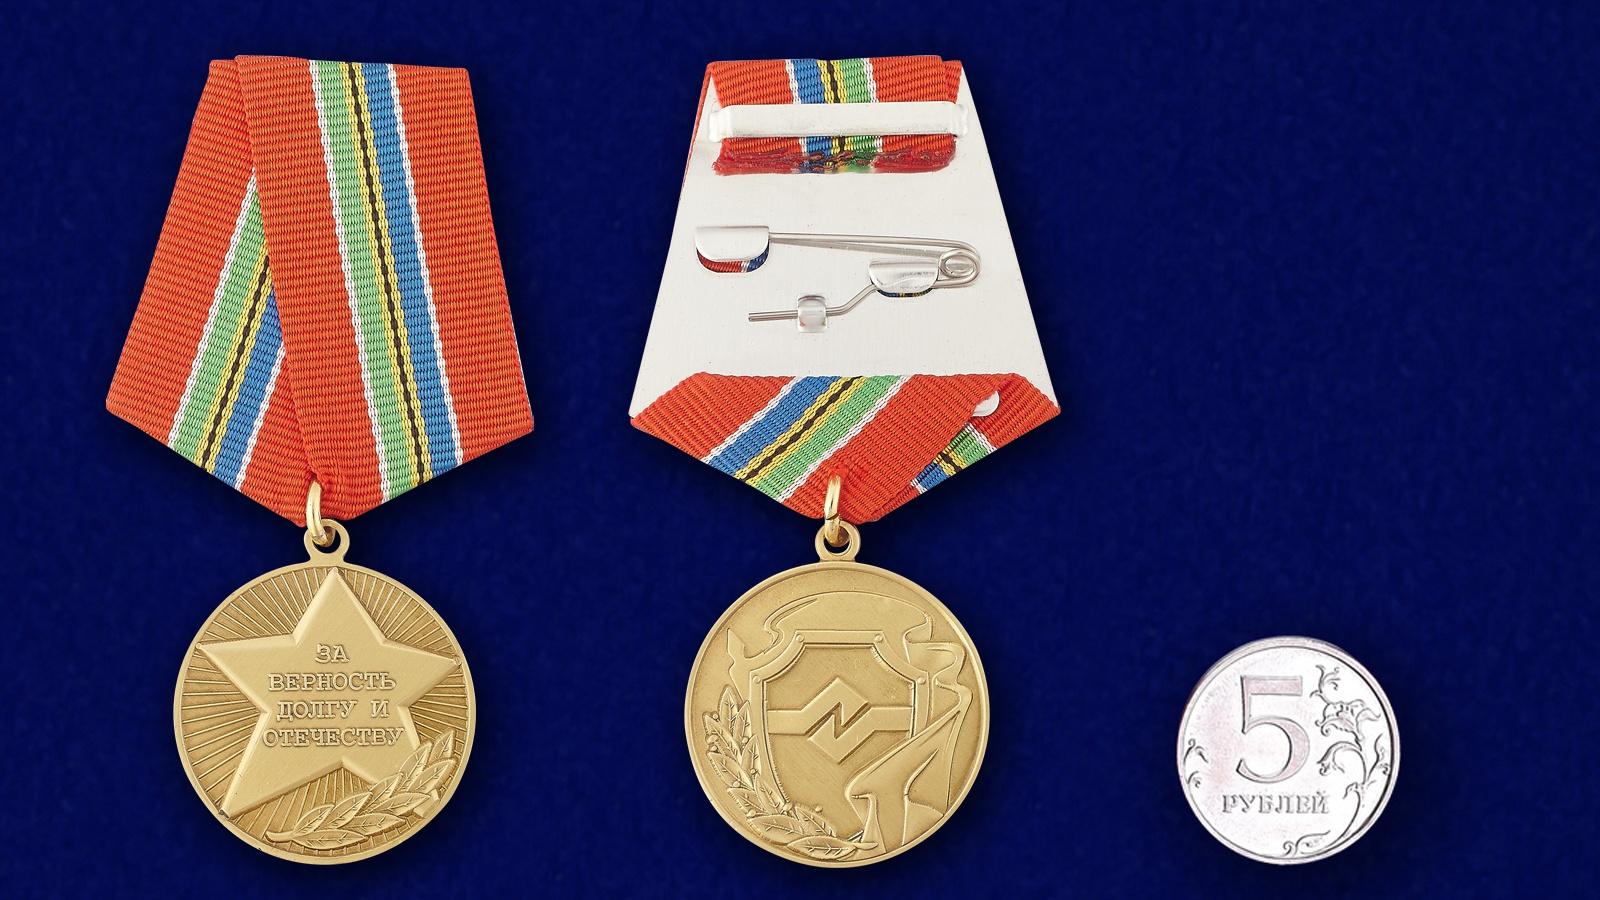 Медаль За верность долгу и Отечеству - сравнительный вид